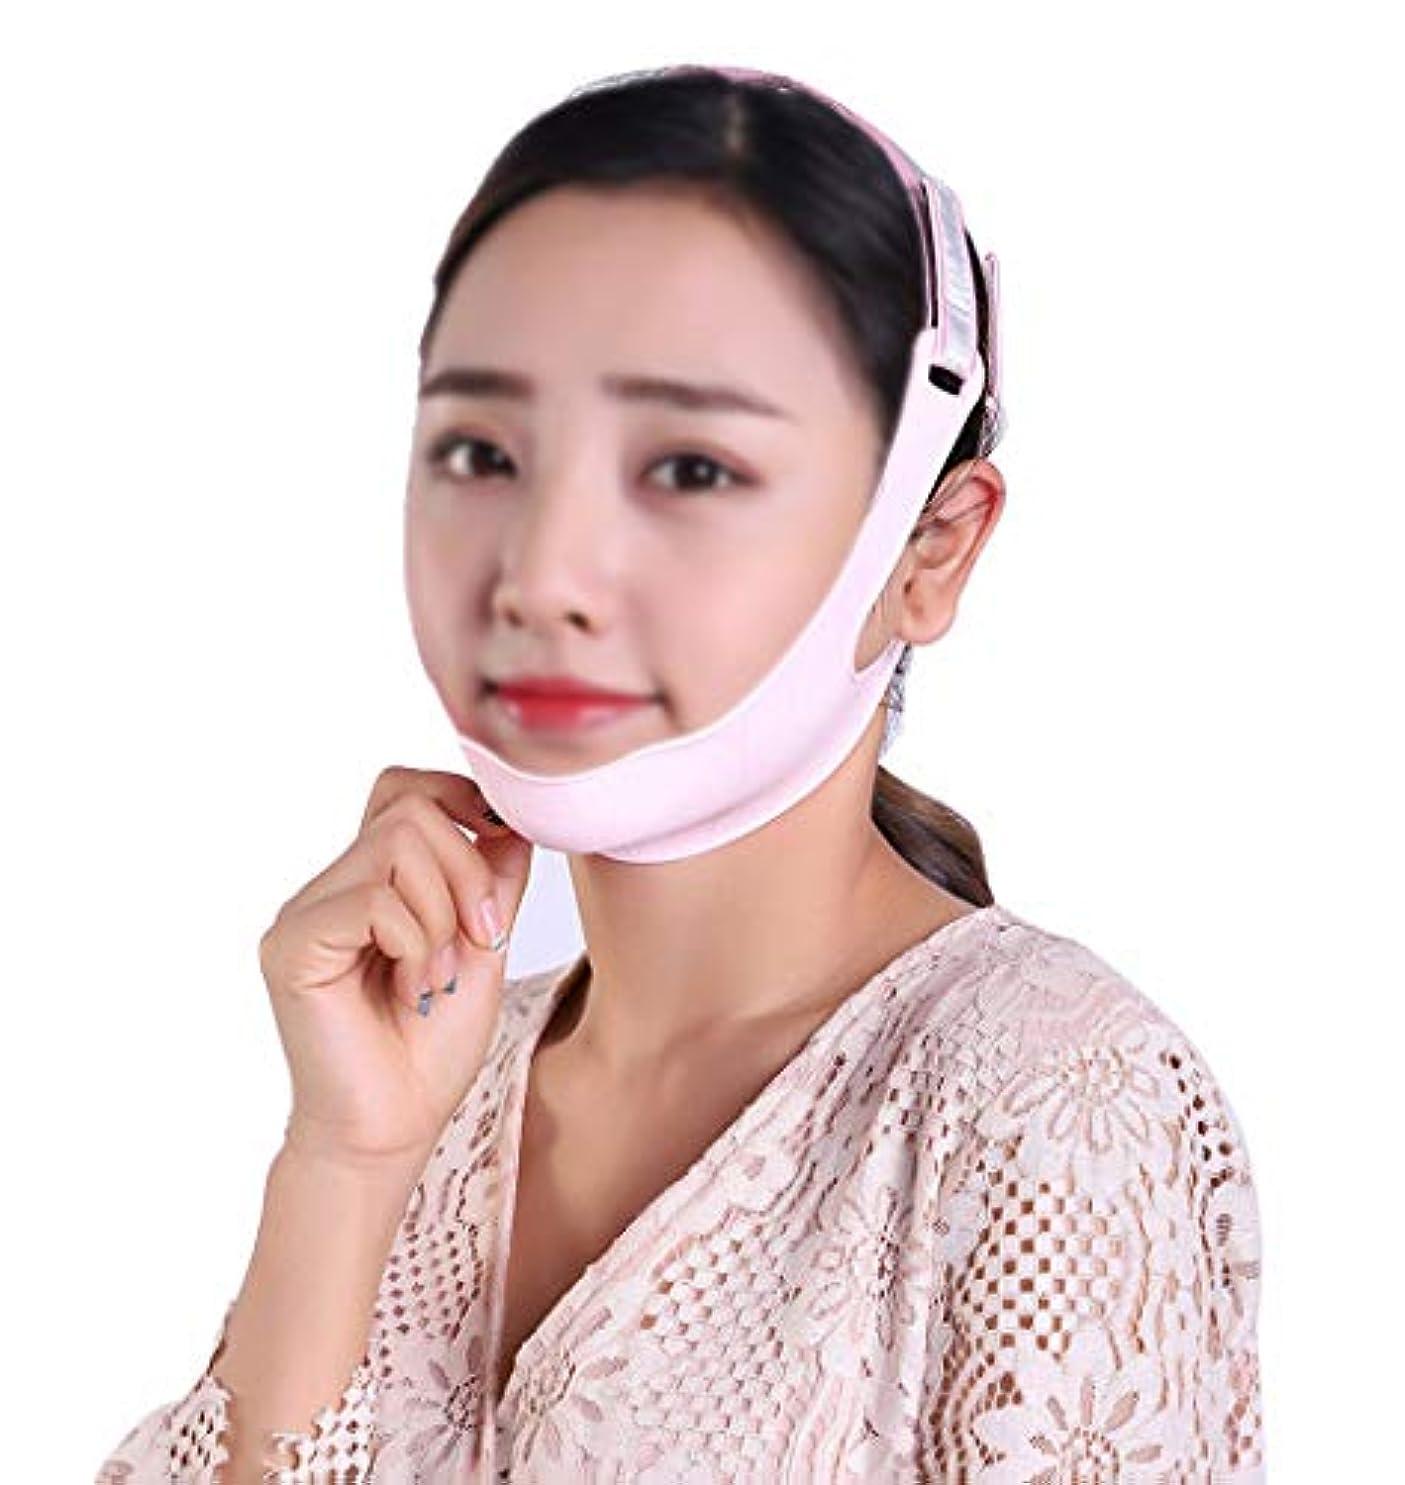 根絶する斧アンペアGLJJQMY フェイシャルリフティングマスクシリコンVマスク引き締めフェイシャル包帯スモールVフェイスアーティファクト防止リラクゼーションフェイシャル&ネックリフティング 顔用整形マスク (Size : L)